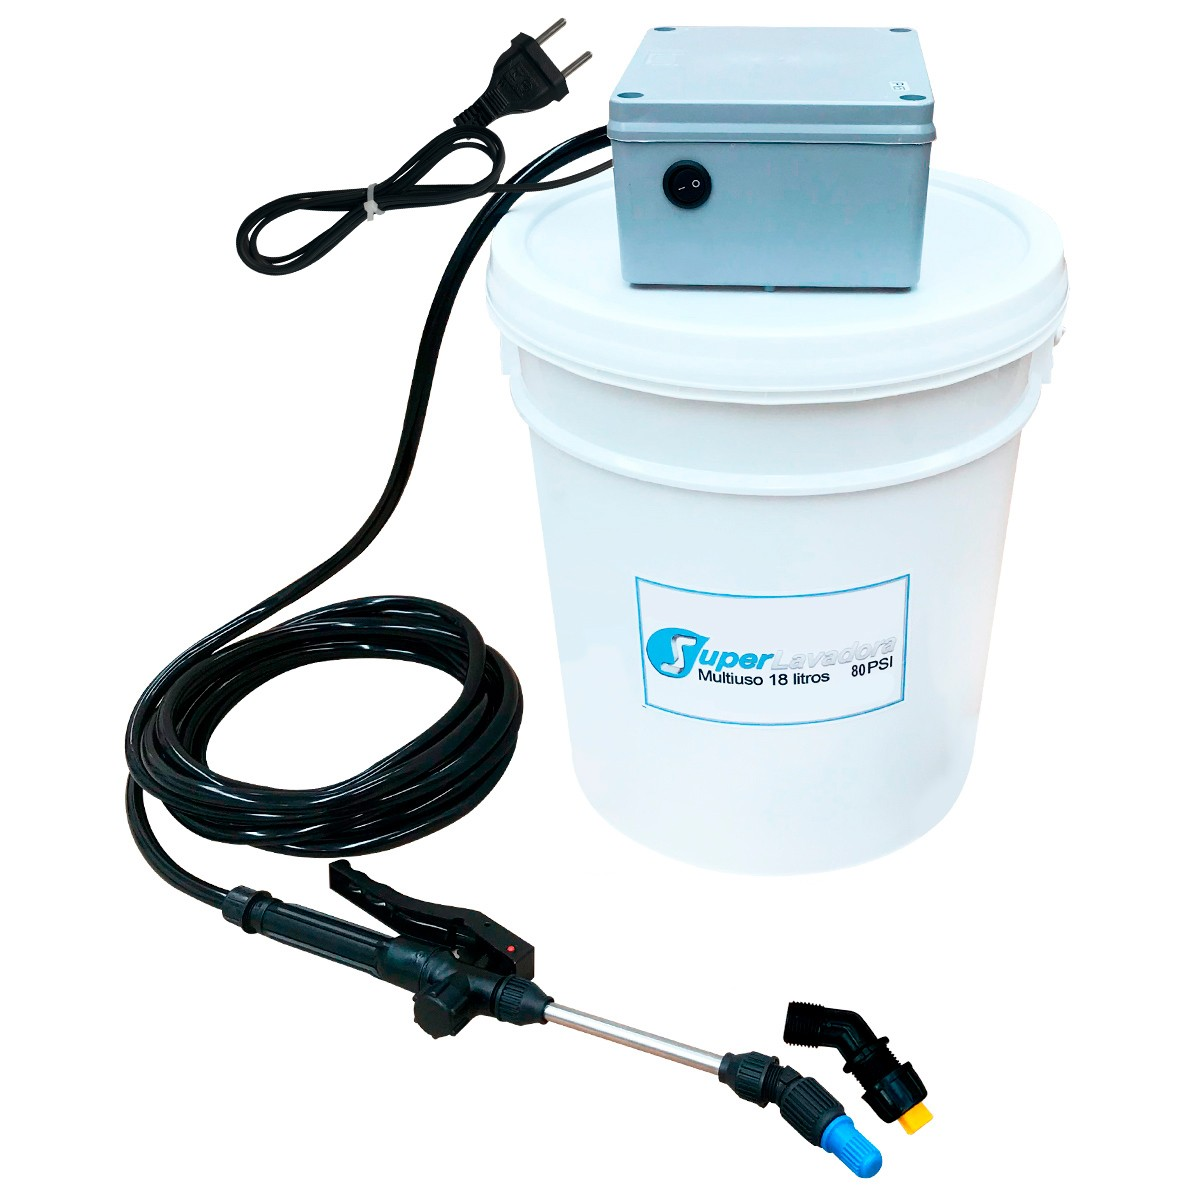 Lavadora Elétrica 18L 80PSI Carrinho + Bolsa Coletora até 12000 BTUS